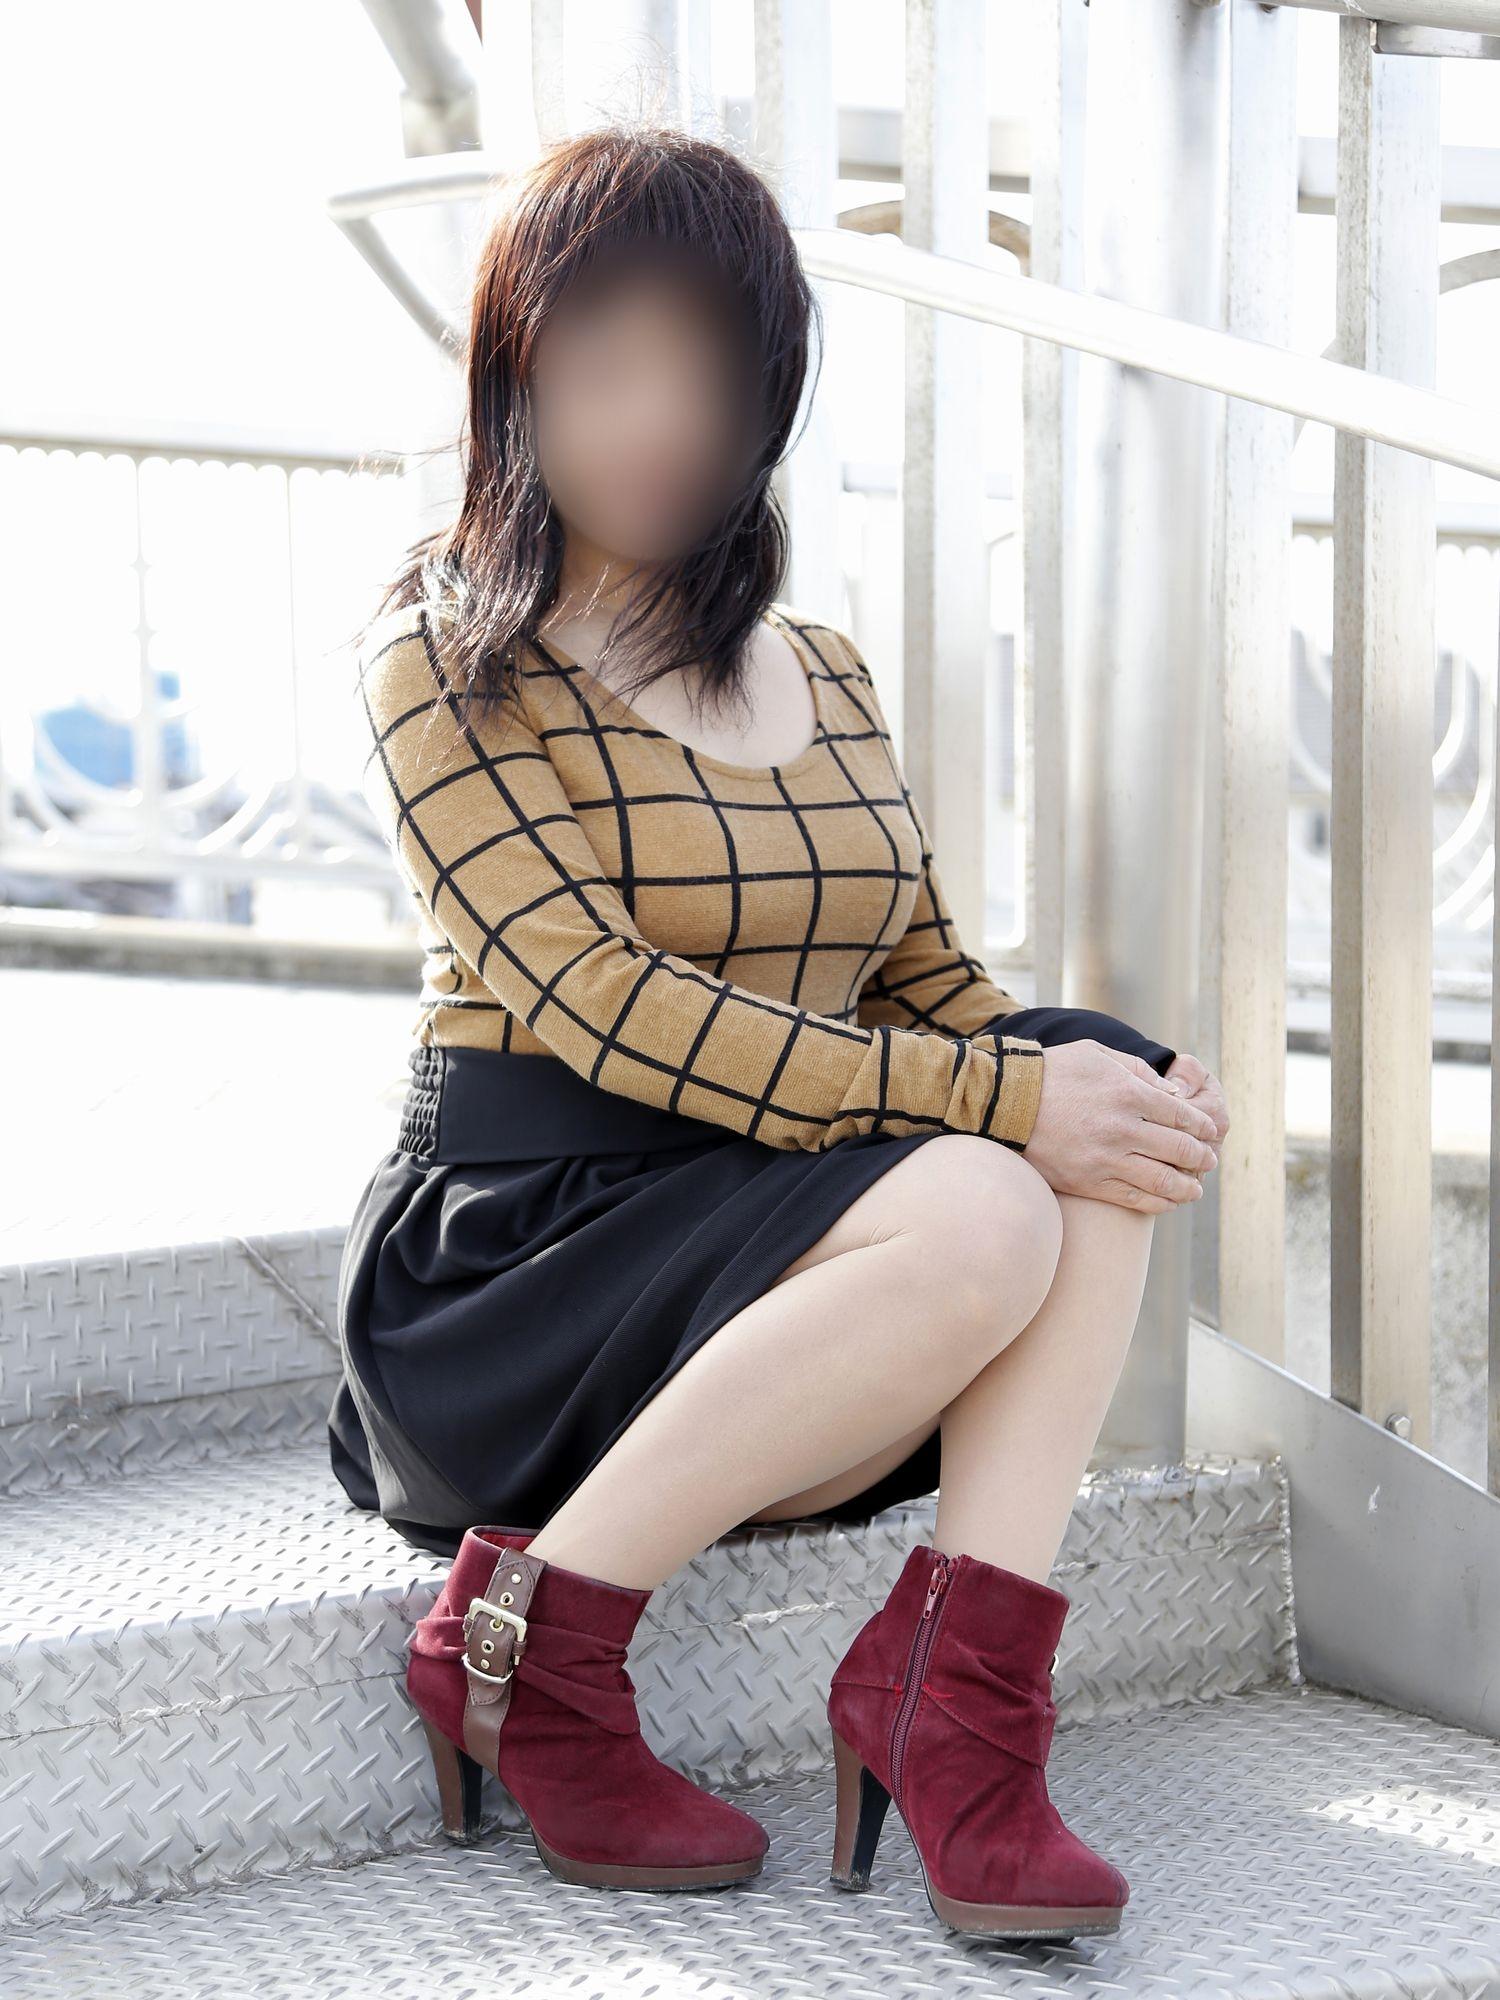 夢ごこち 人妻店@みき 2枚目